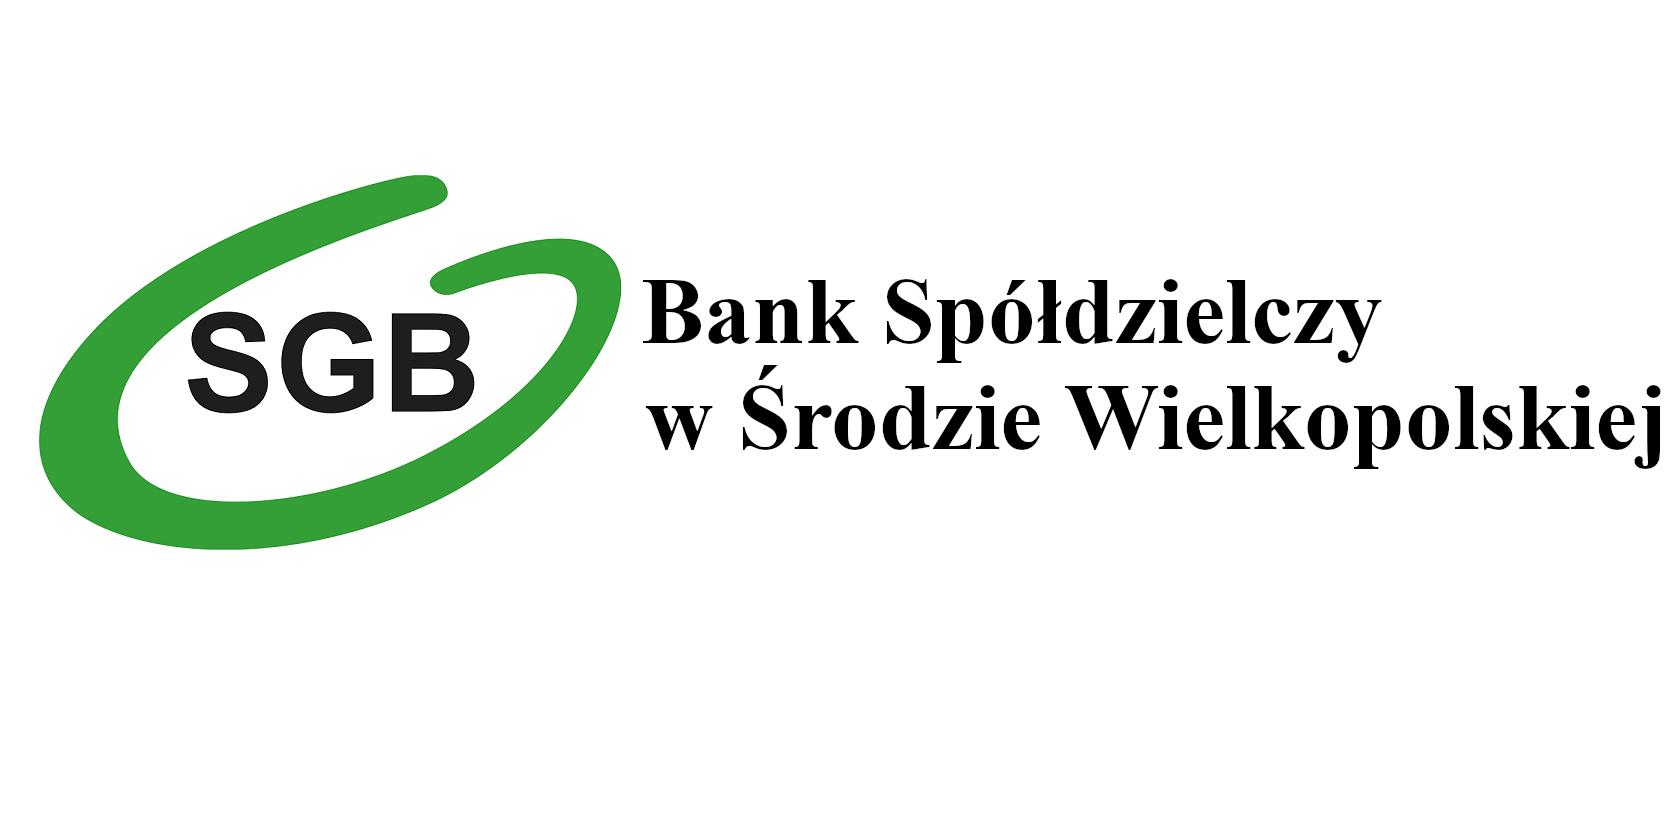 Kredyt EKO! - Bank Spółdzielczy w Środzie Wielkopolskiej